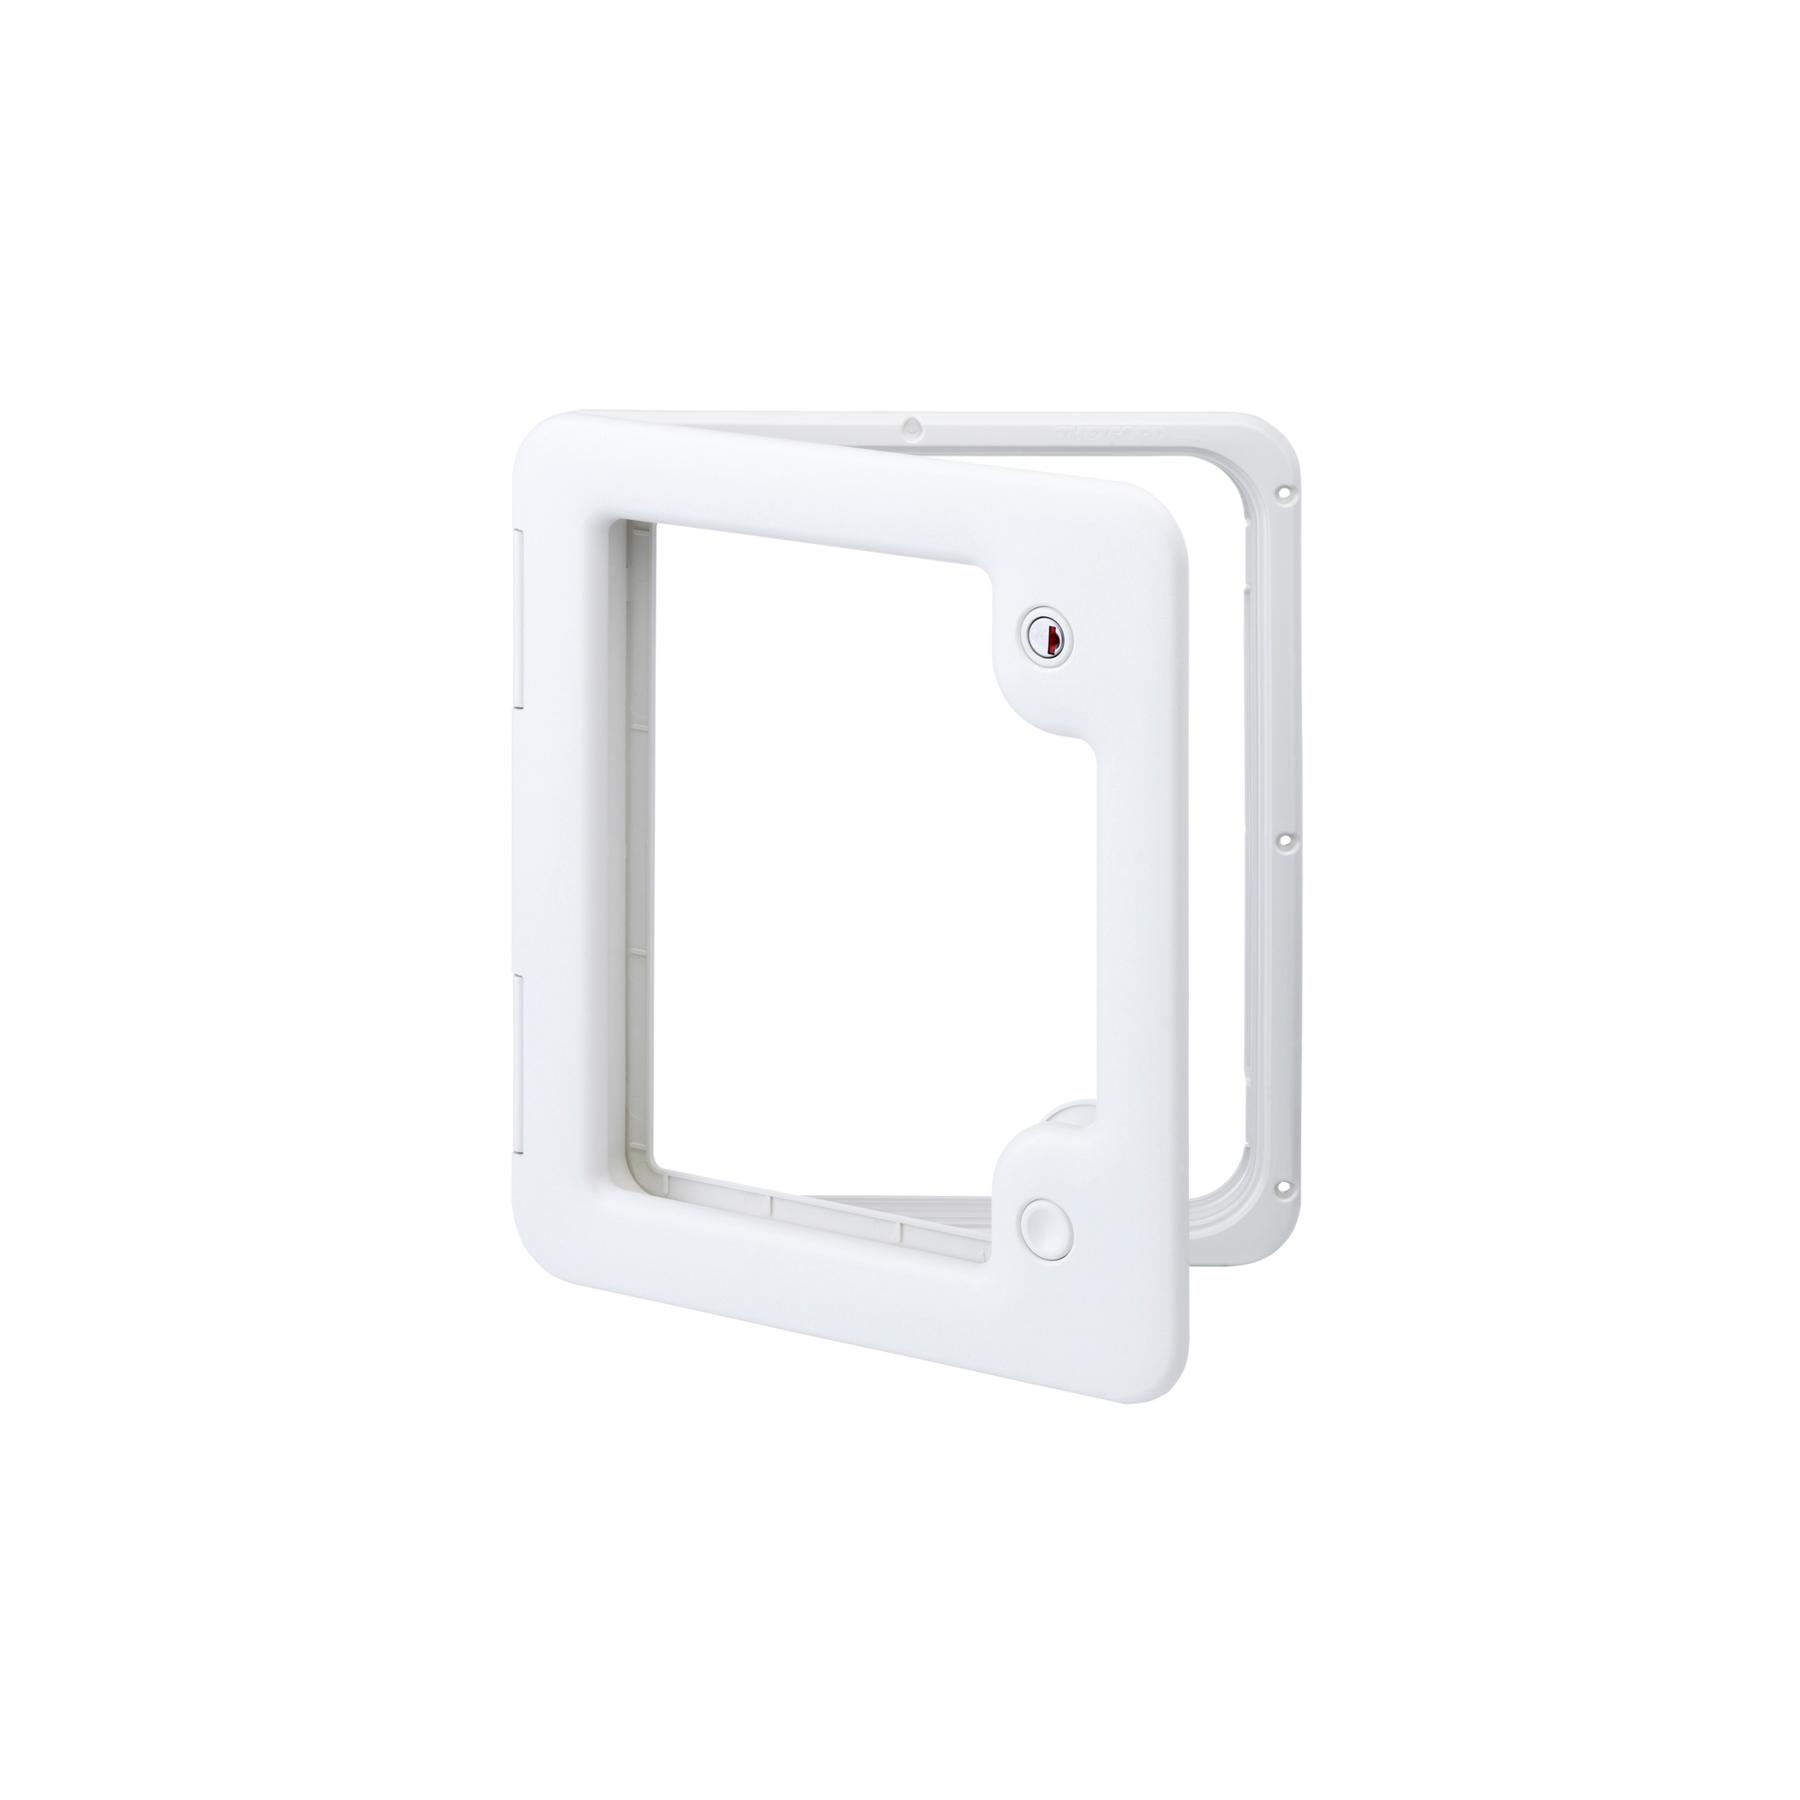 SERVICE DOOR 3 – LIGHT GREY/WHITE